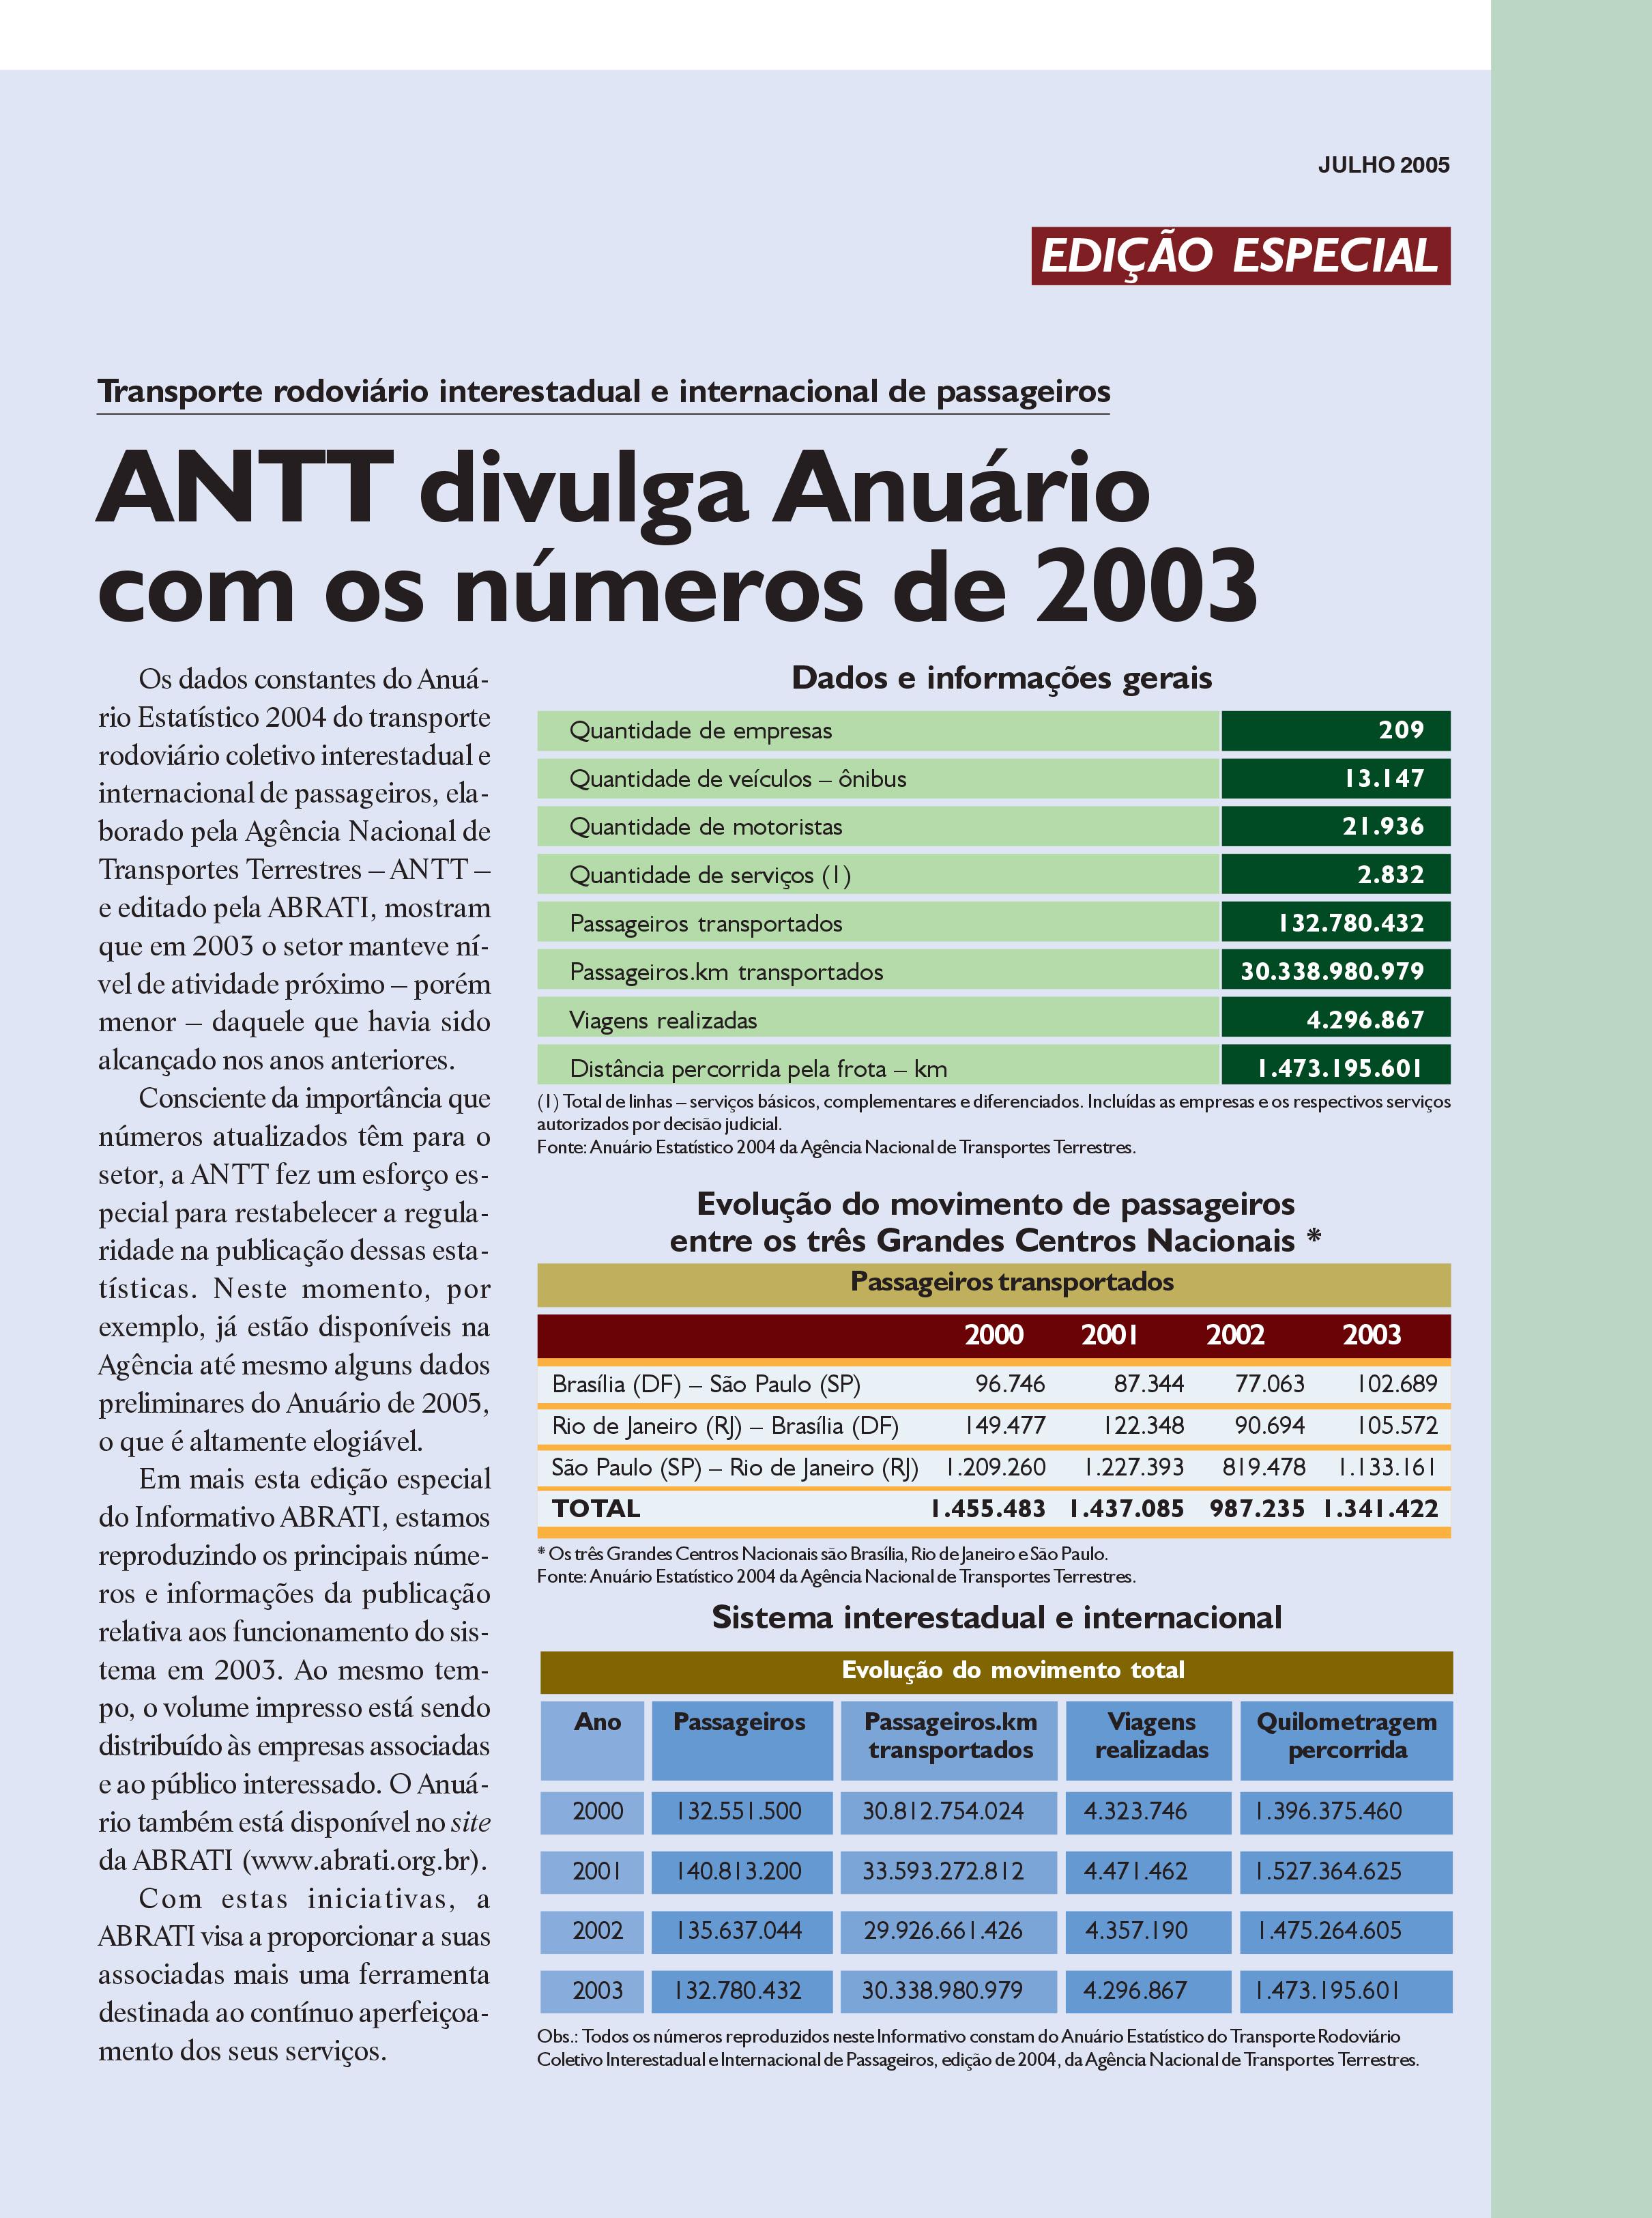 Informativo Especial Julho 2005